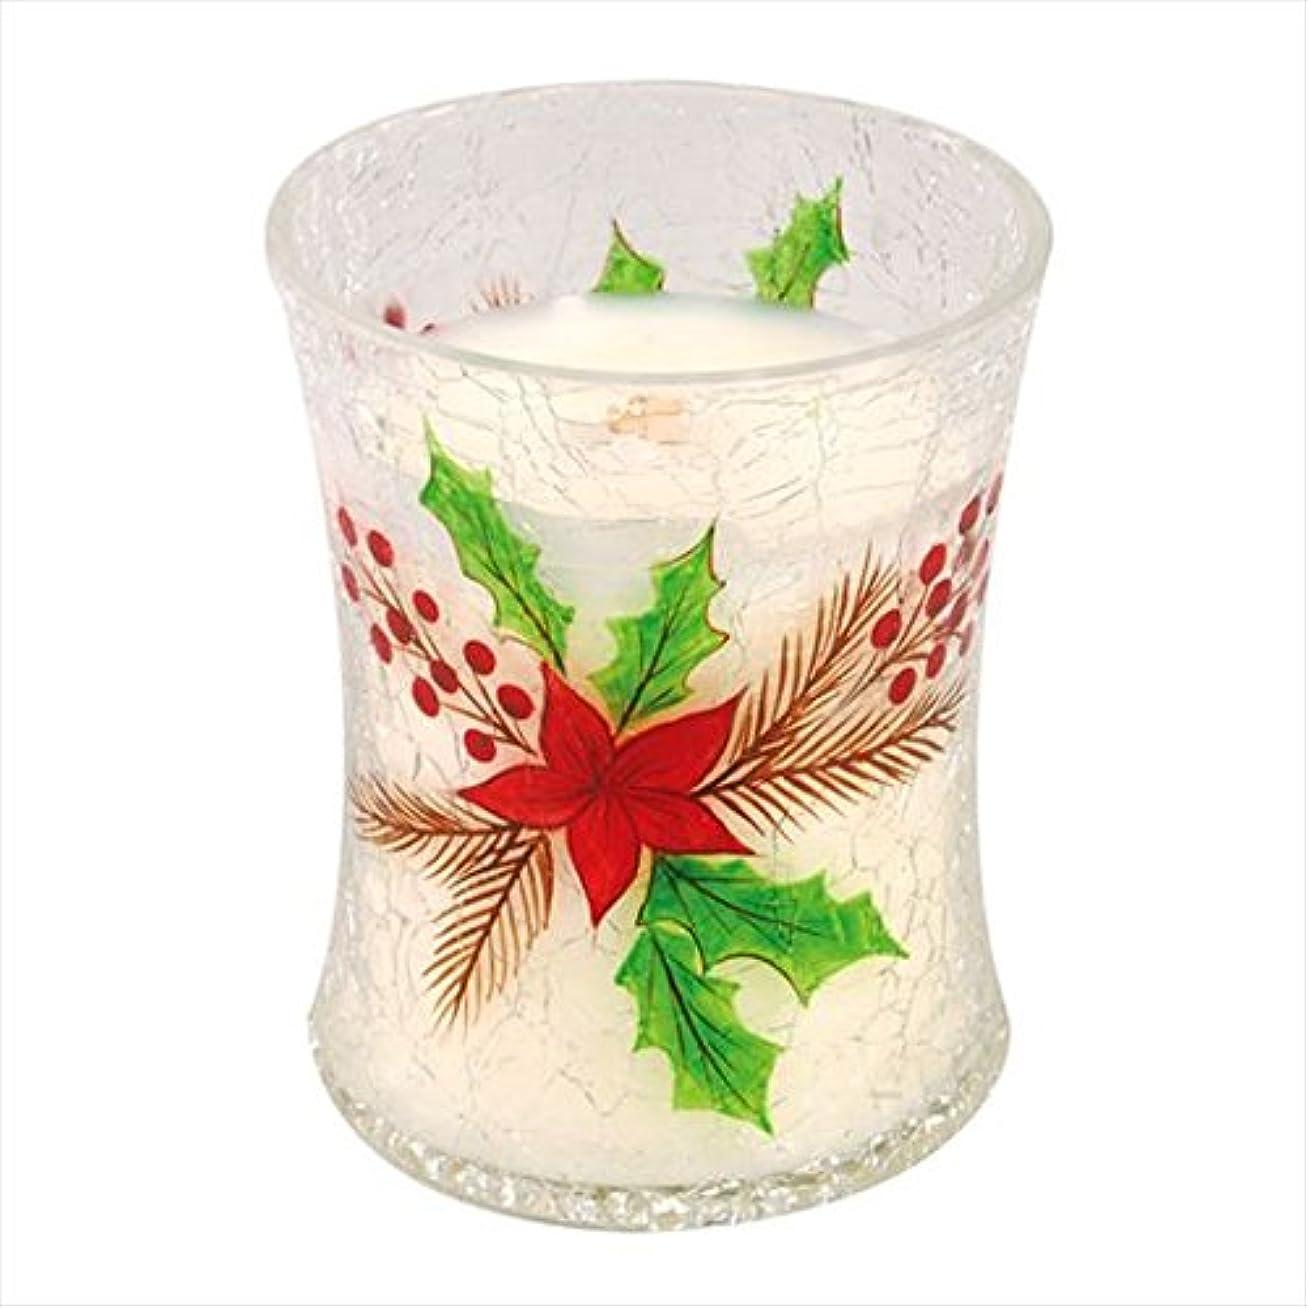 従者ブランド名送金ウッドウィック(WoodWick) Wood WickディーカルクラックジャーM 「 クリスマスケーキ 」